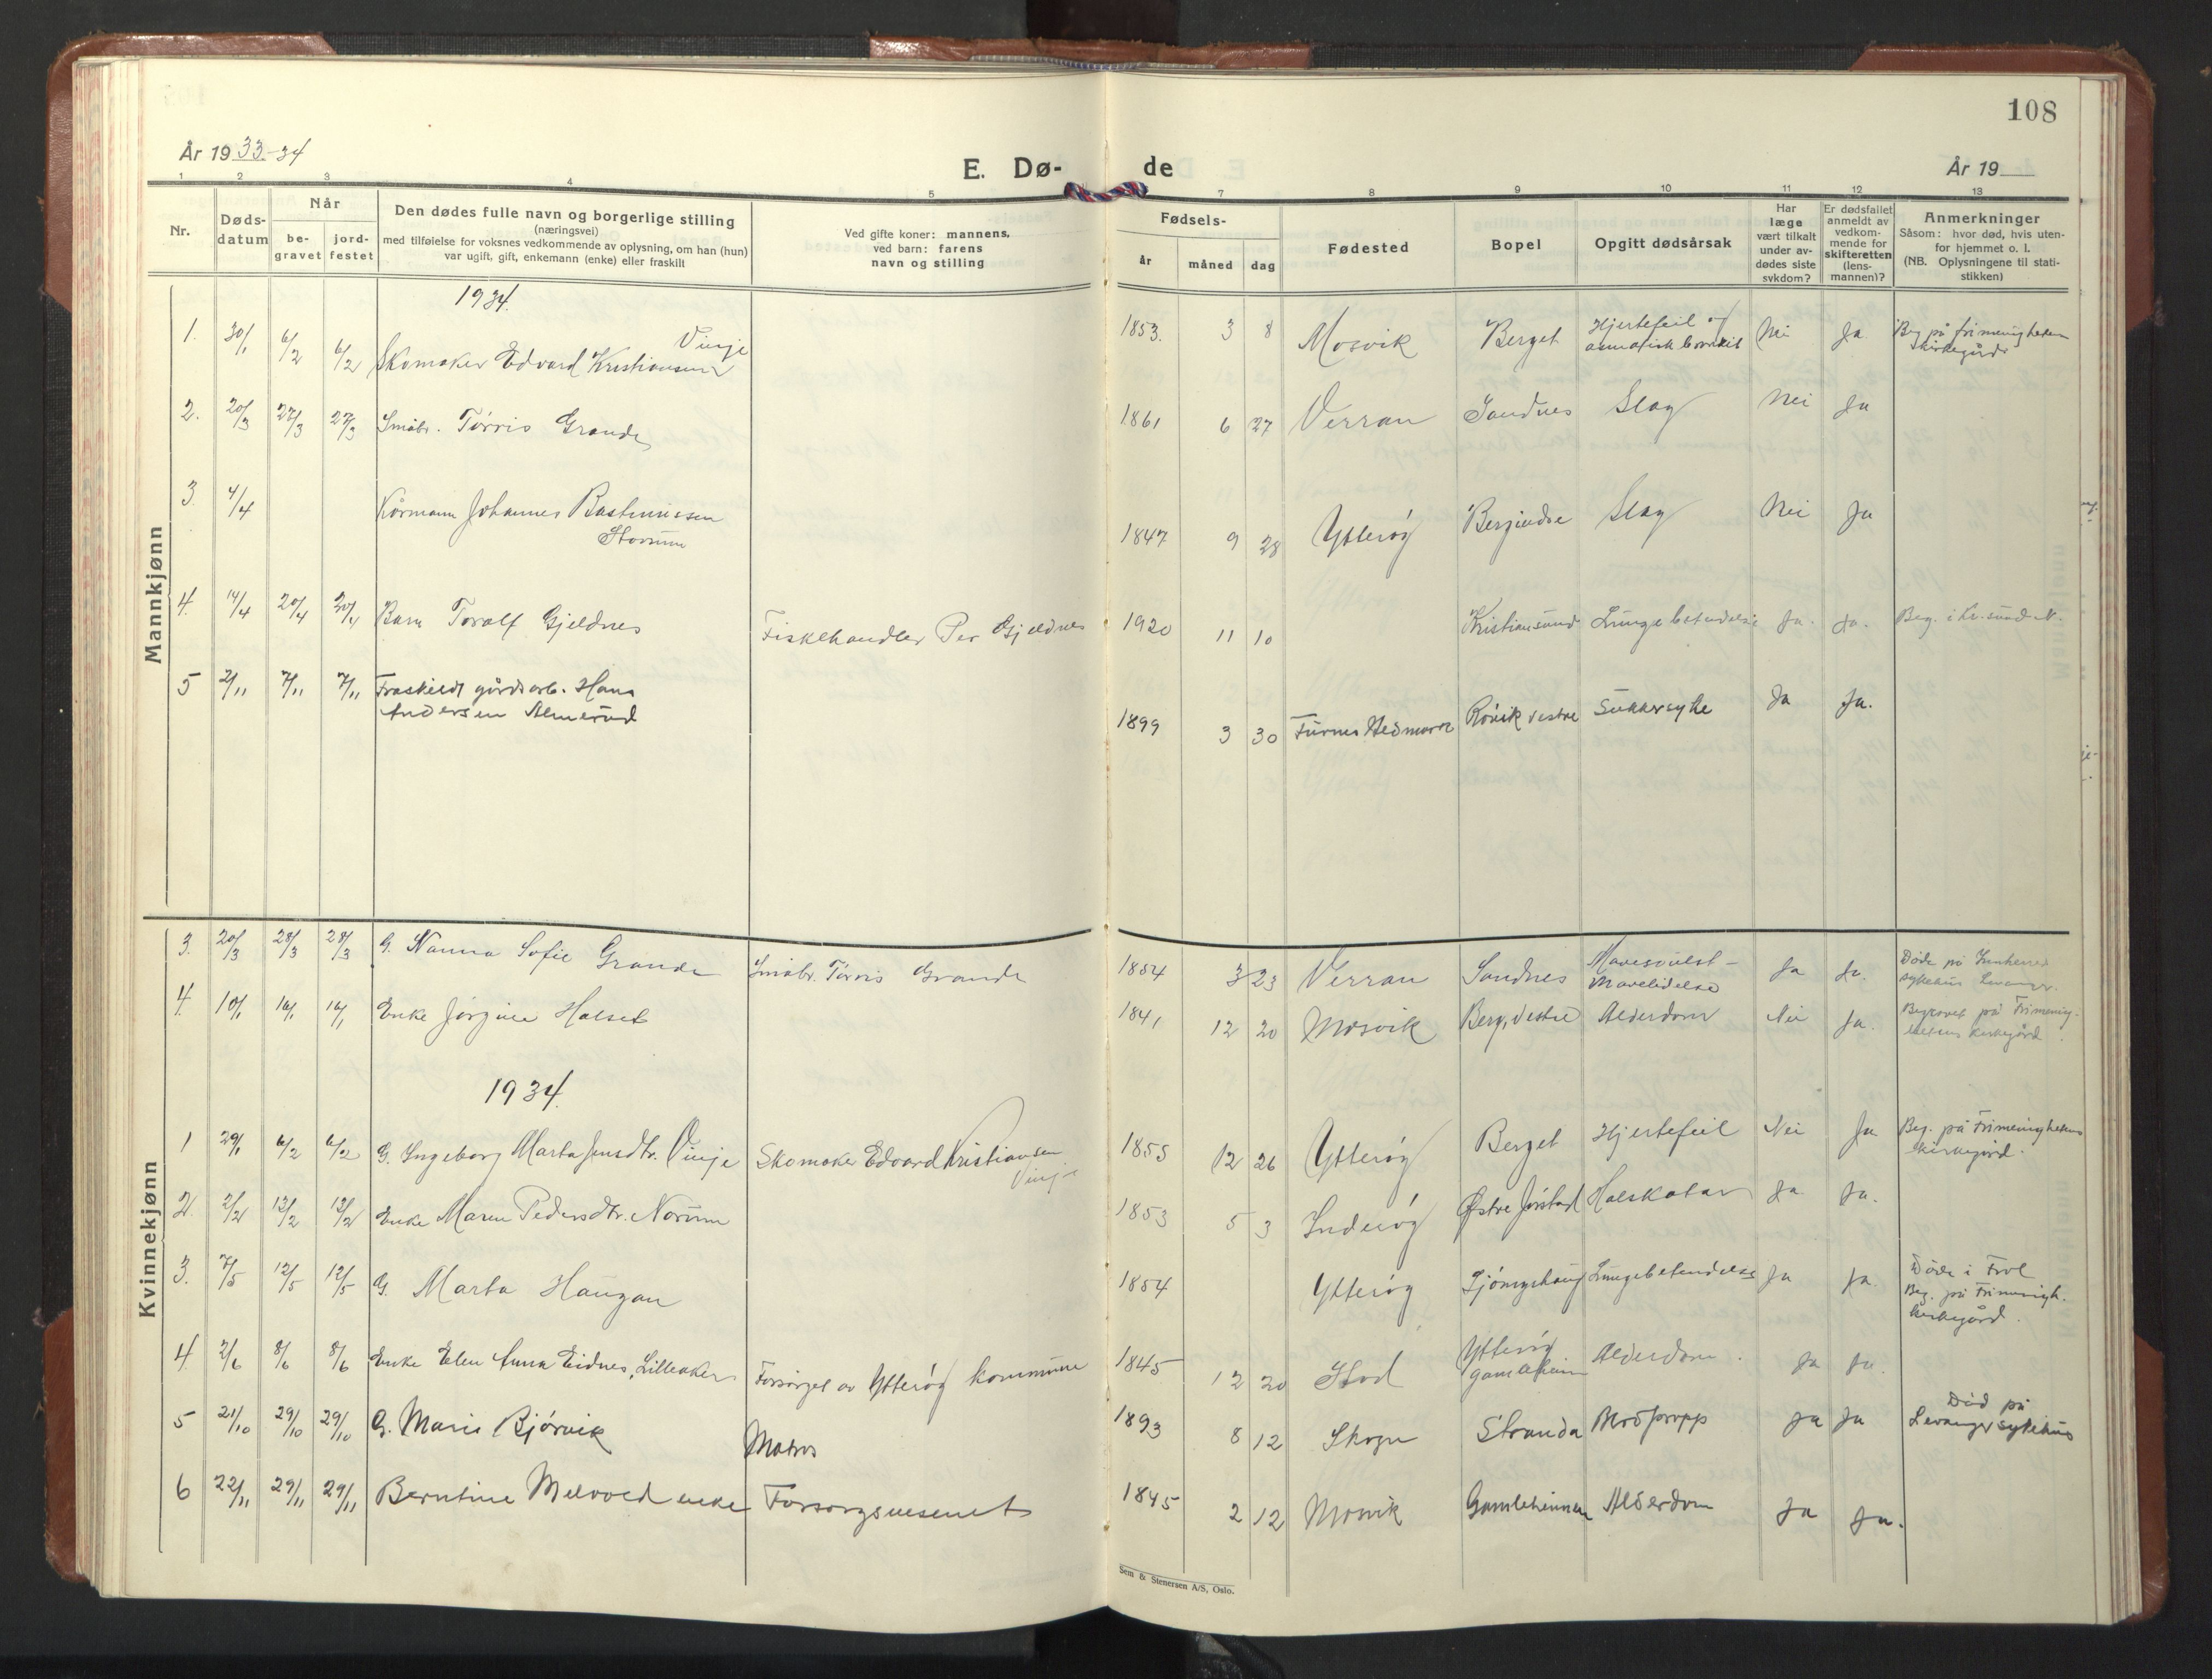 SAT, Ministerialprotokoller, klokkerbøker og fødselsregistre - Nord-Trøndelag, 722/L0227: Klokkerbok nr. 722C03, 1928-1958, s. 108